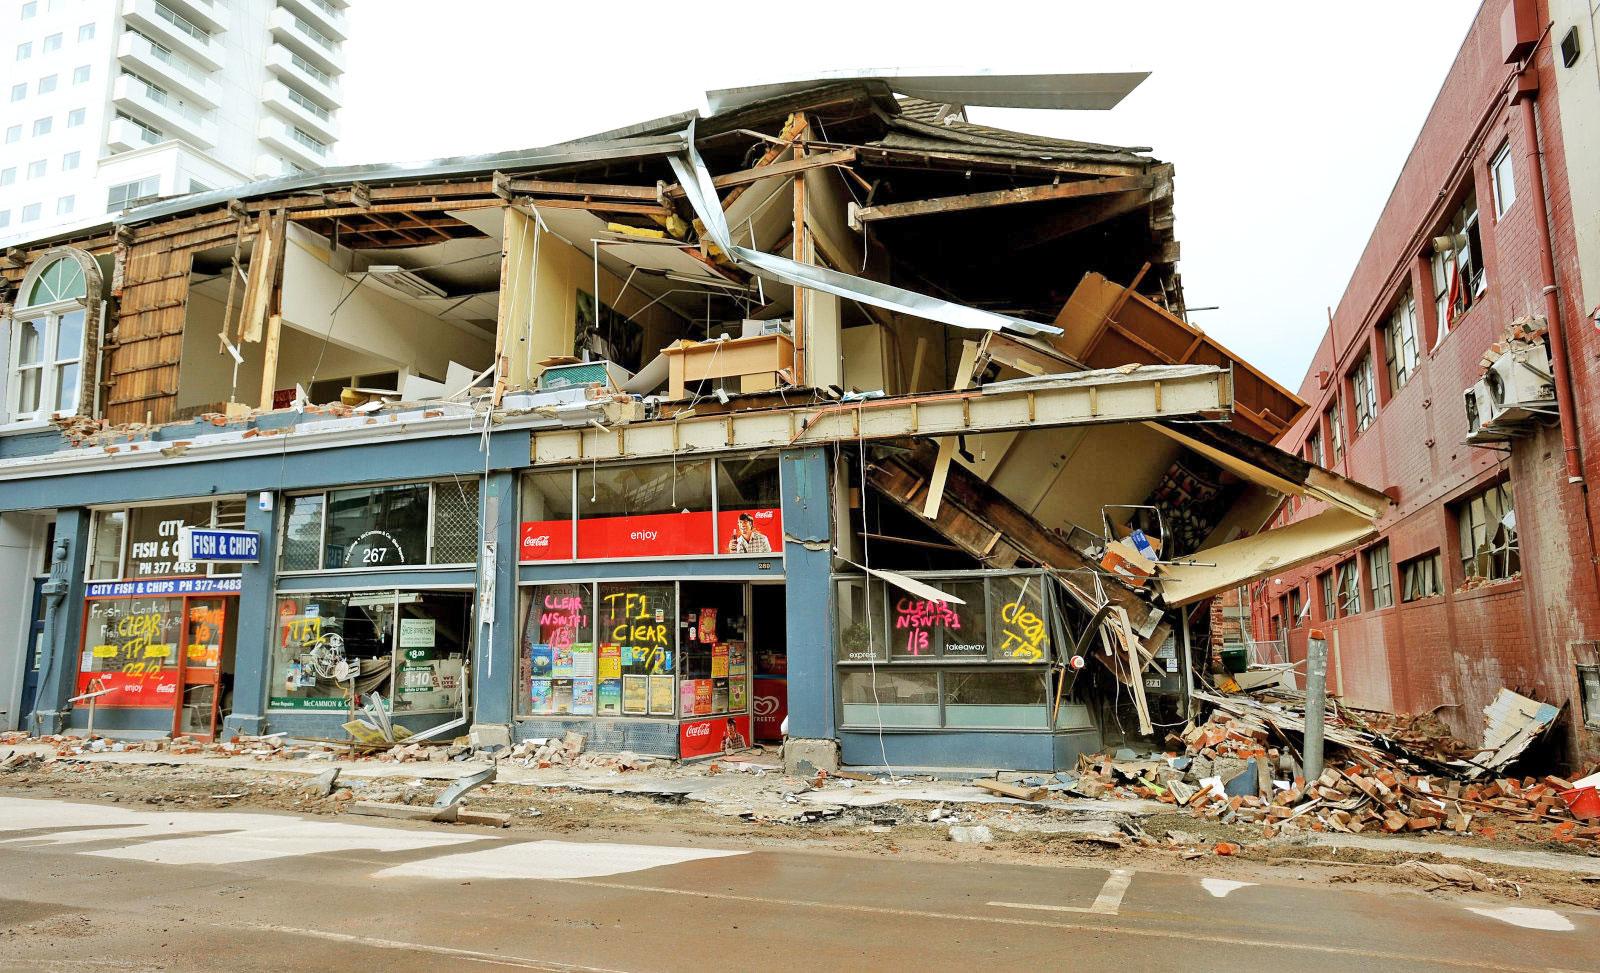 پیش بینی زلزله با امواج گرانشی